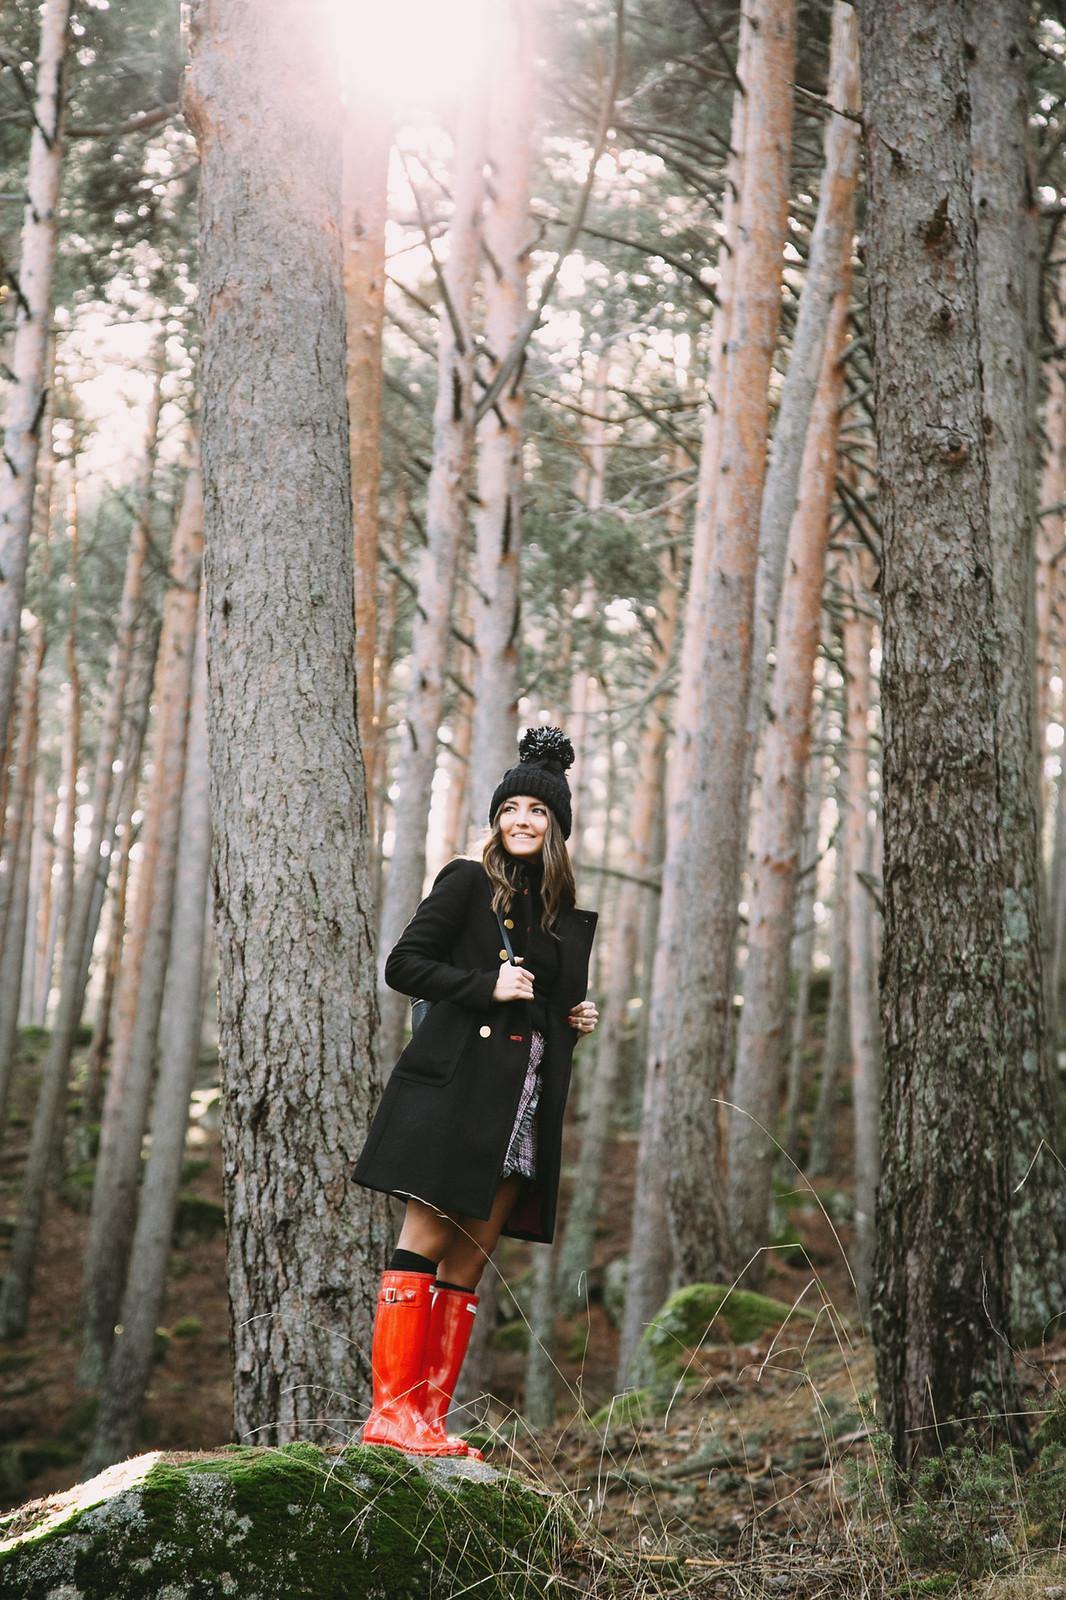 woods-16